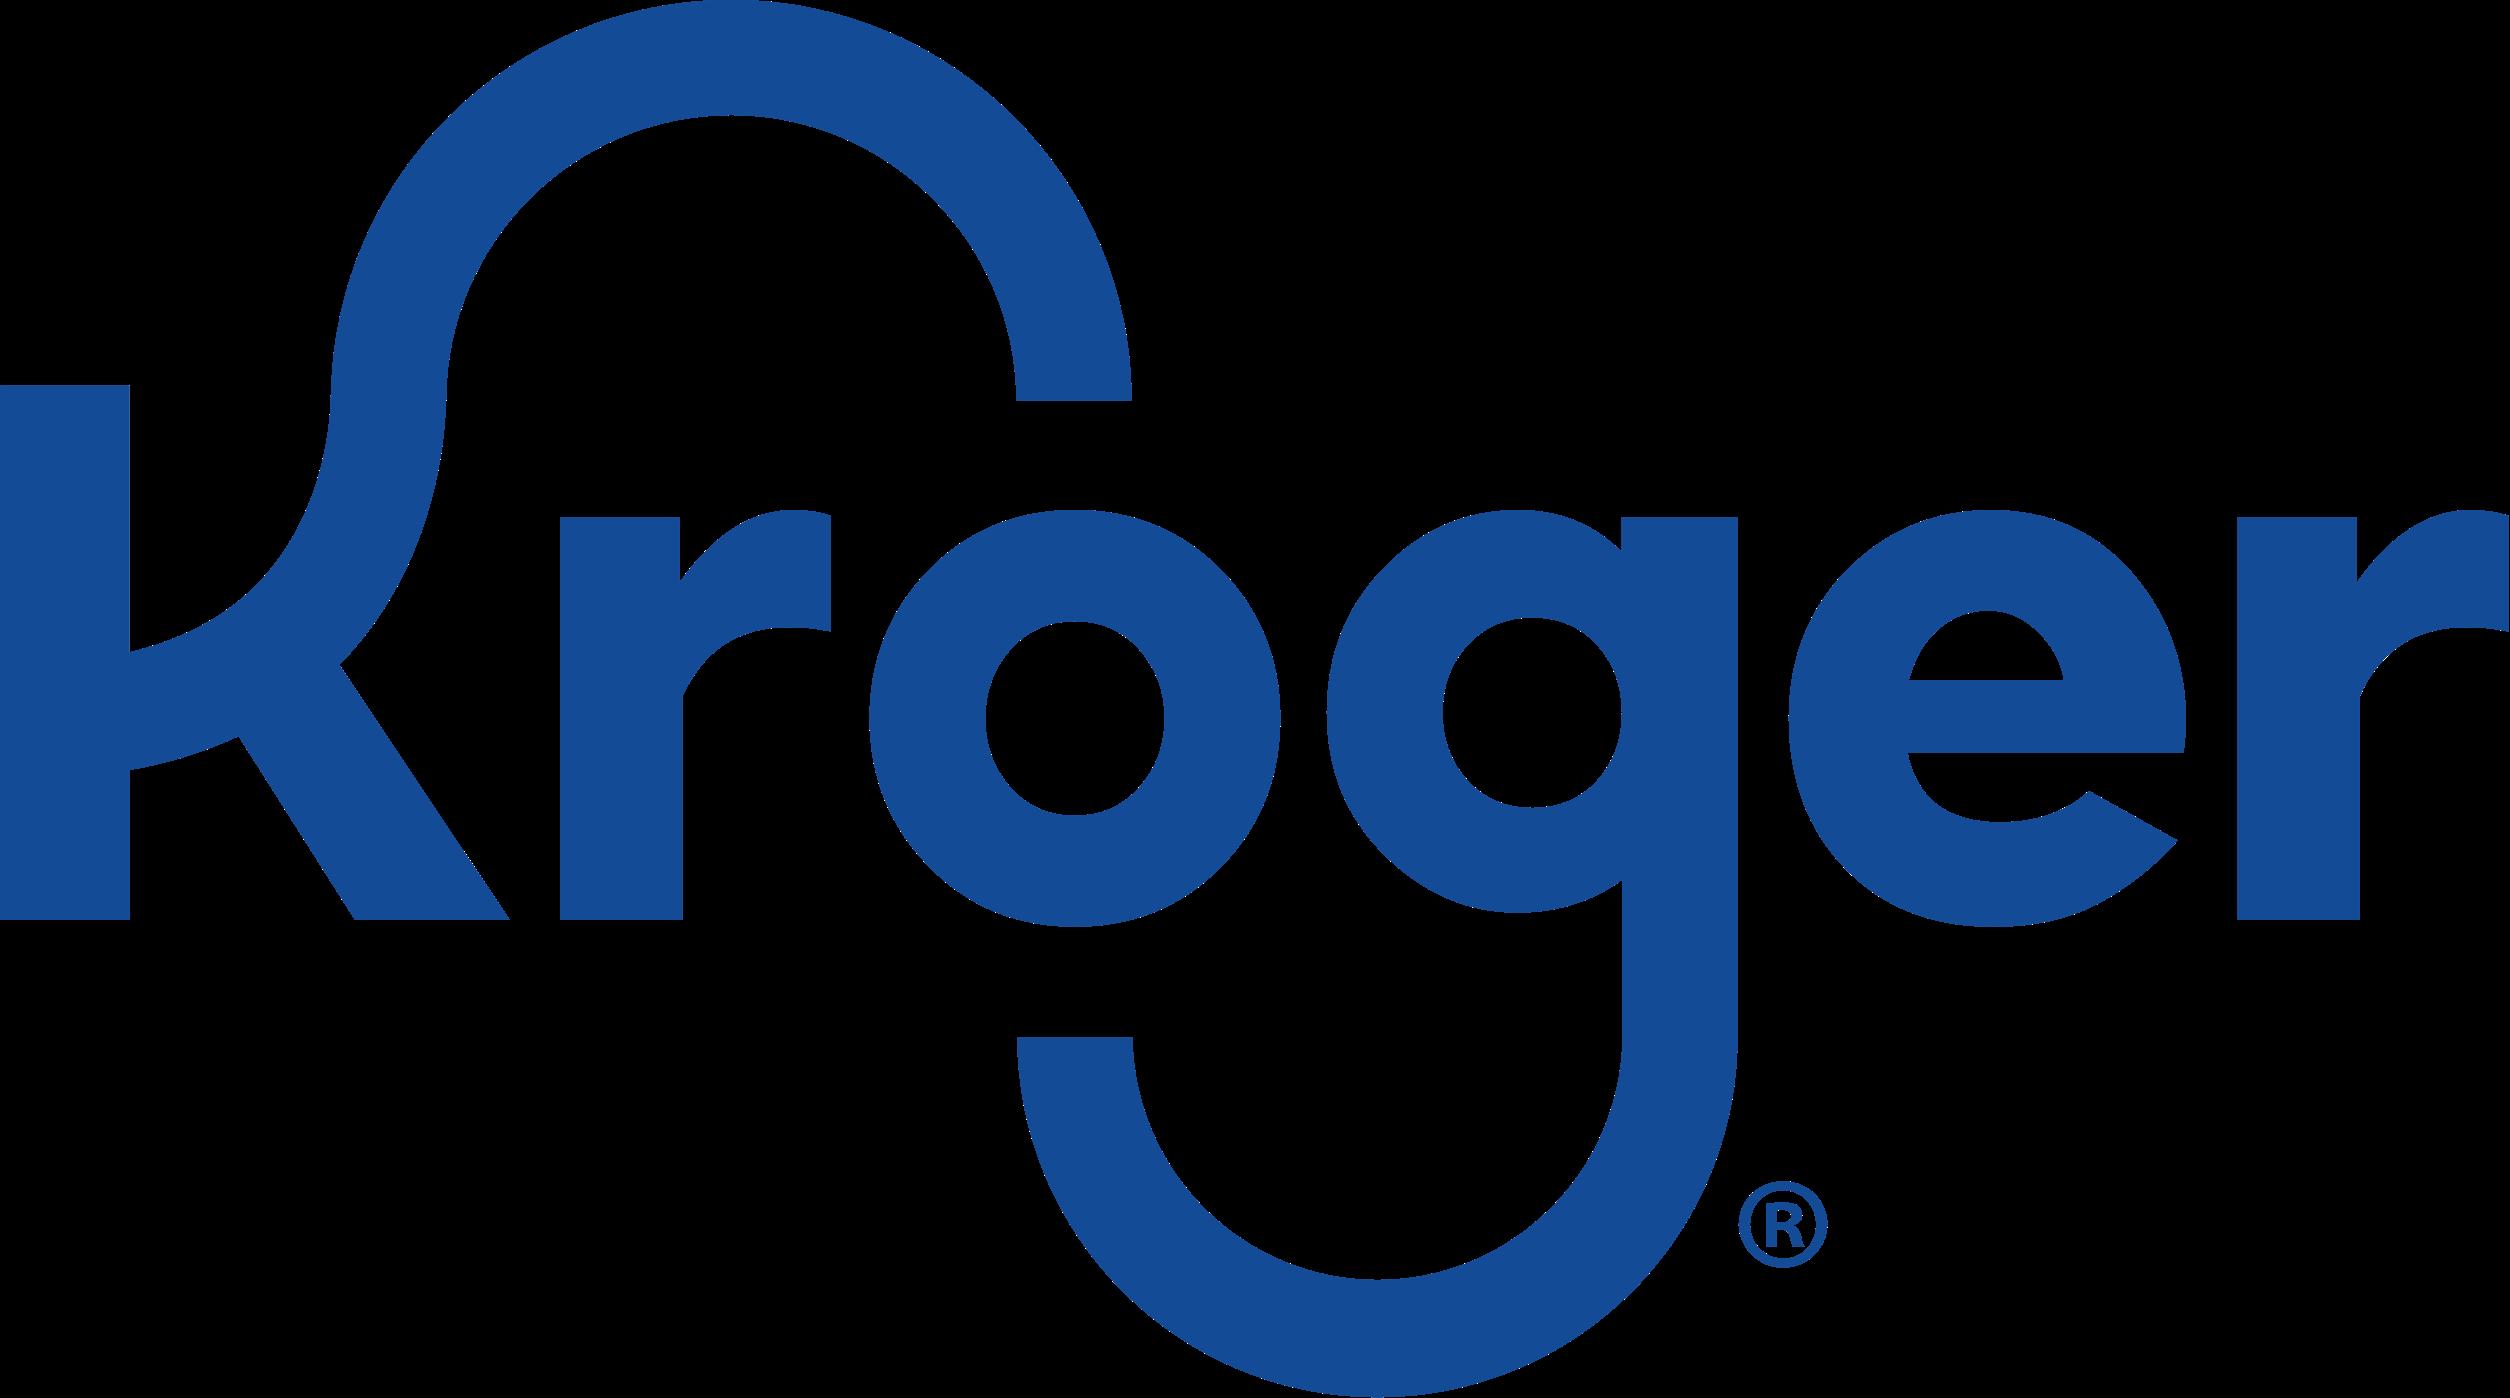 Kroger logo blue